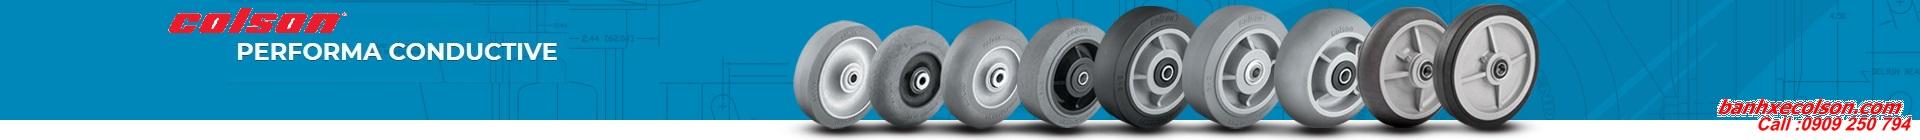 Các loại bánh xe cao su chống tĩnh điện colson banhxecolson.com